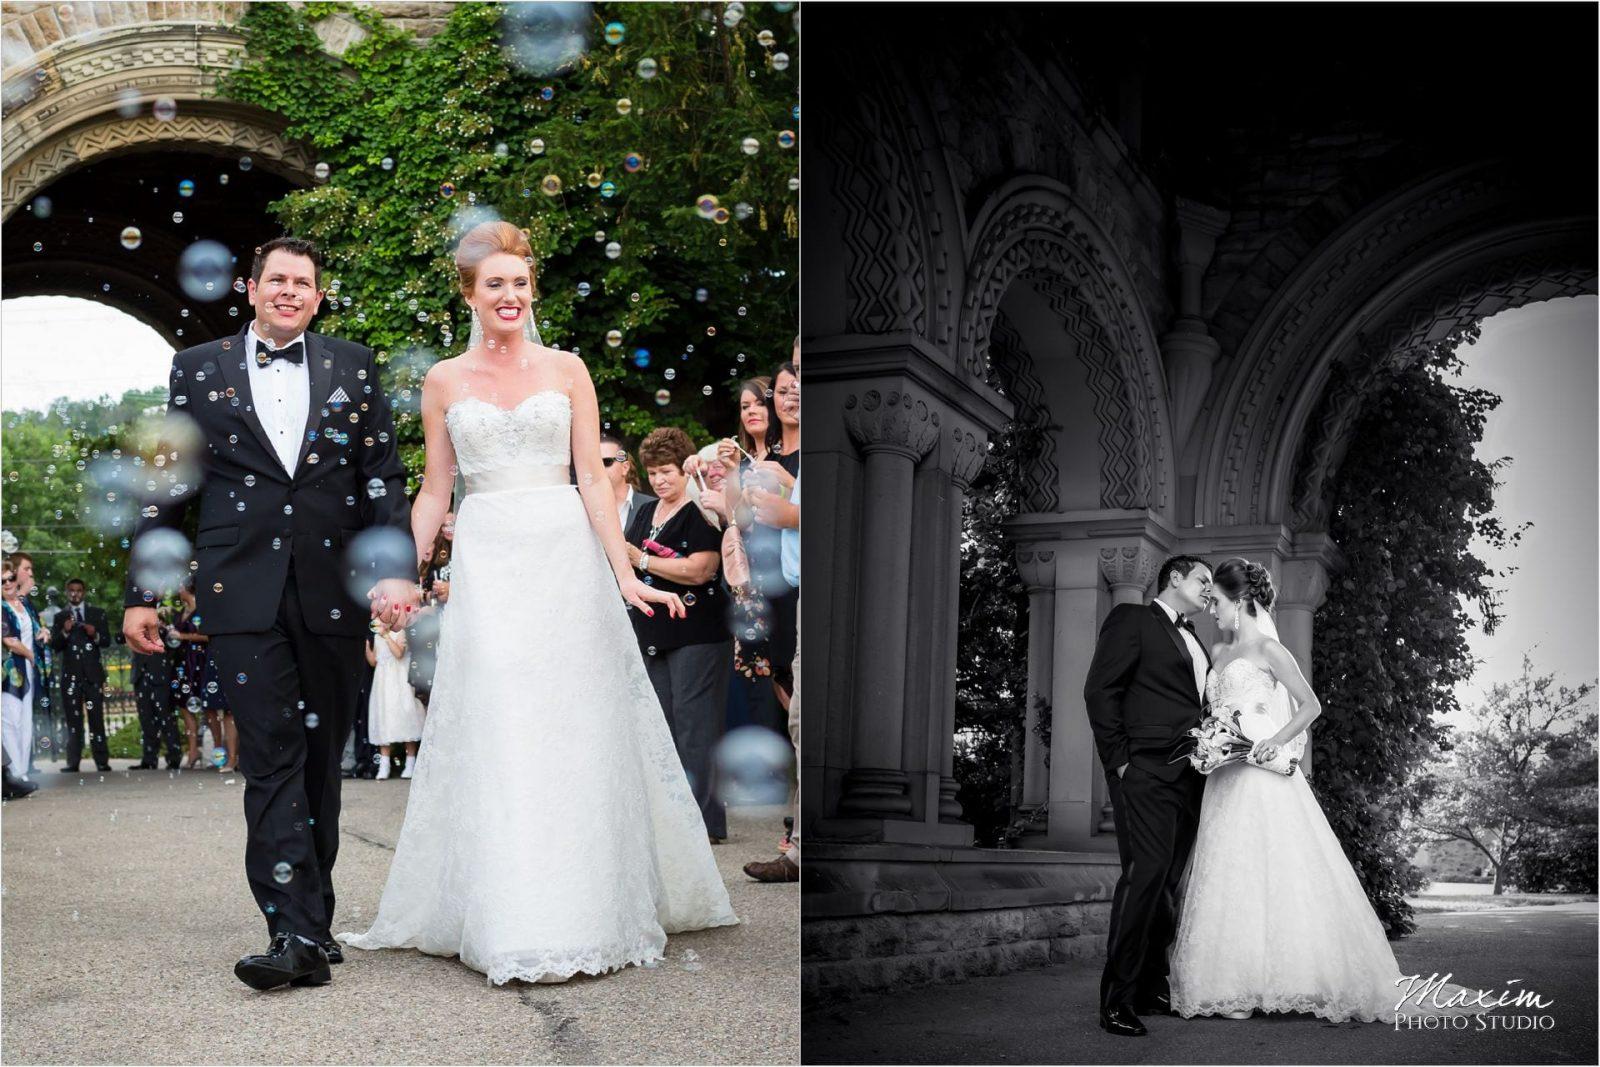 Norman Chapel, Cincinnati Wedding ceremony, wedding bubbles